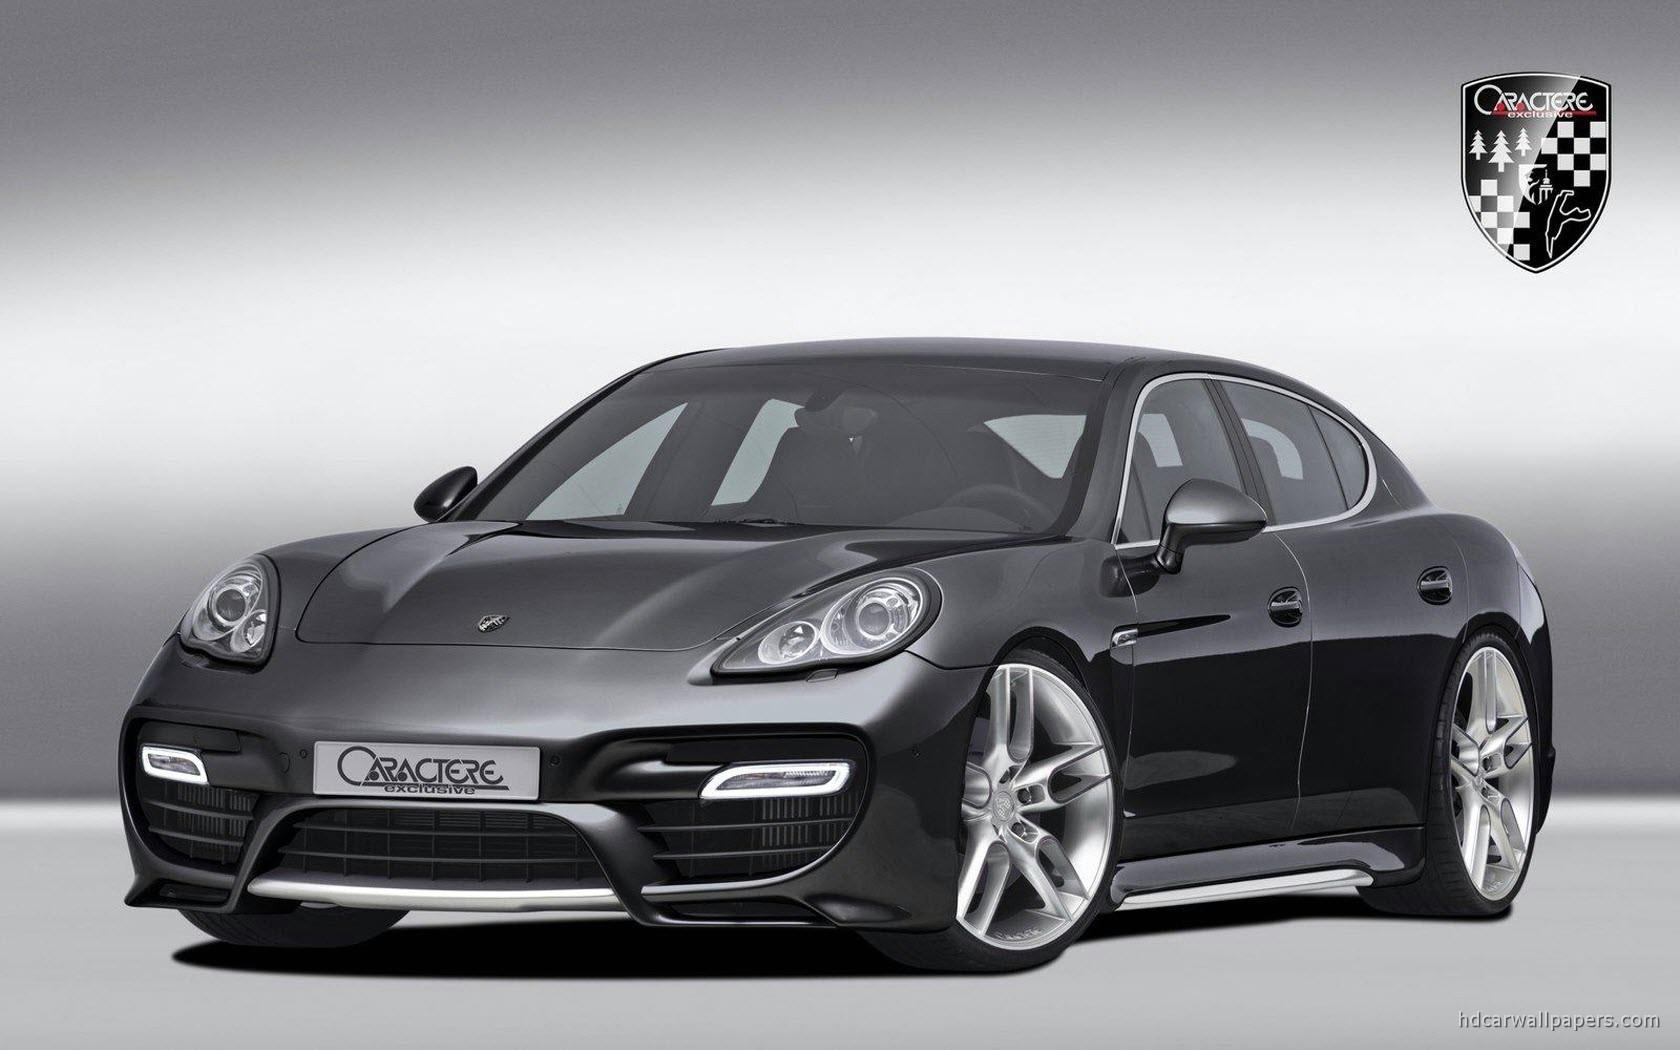 Обвес Caractere Exclusive на Porsche Panamera